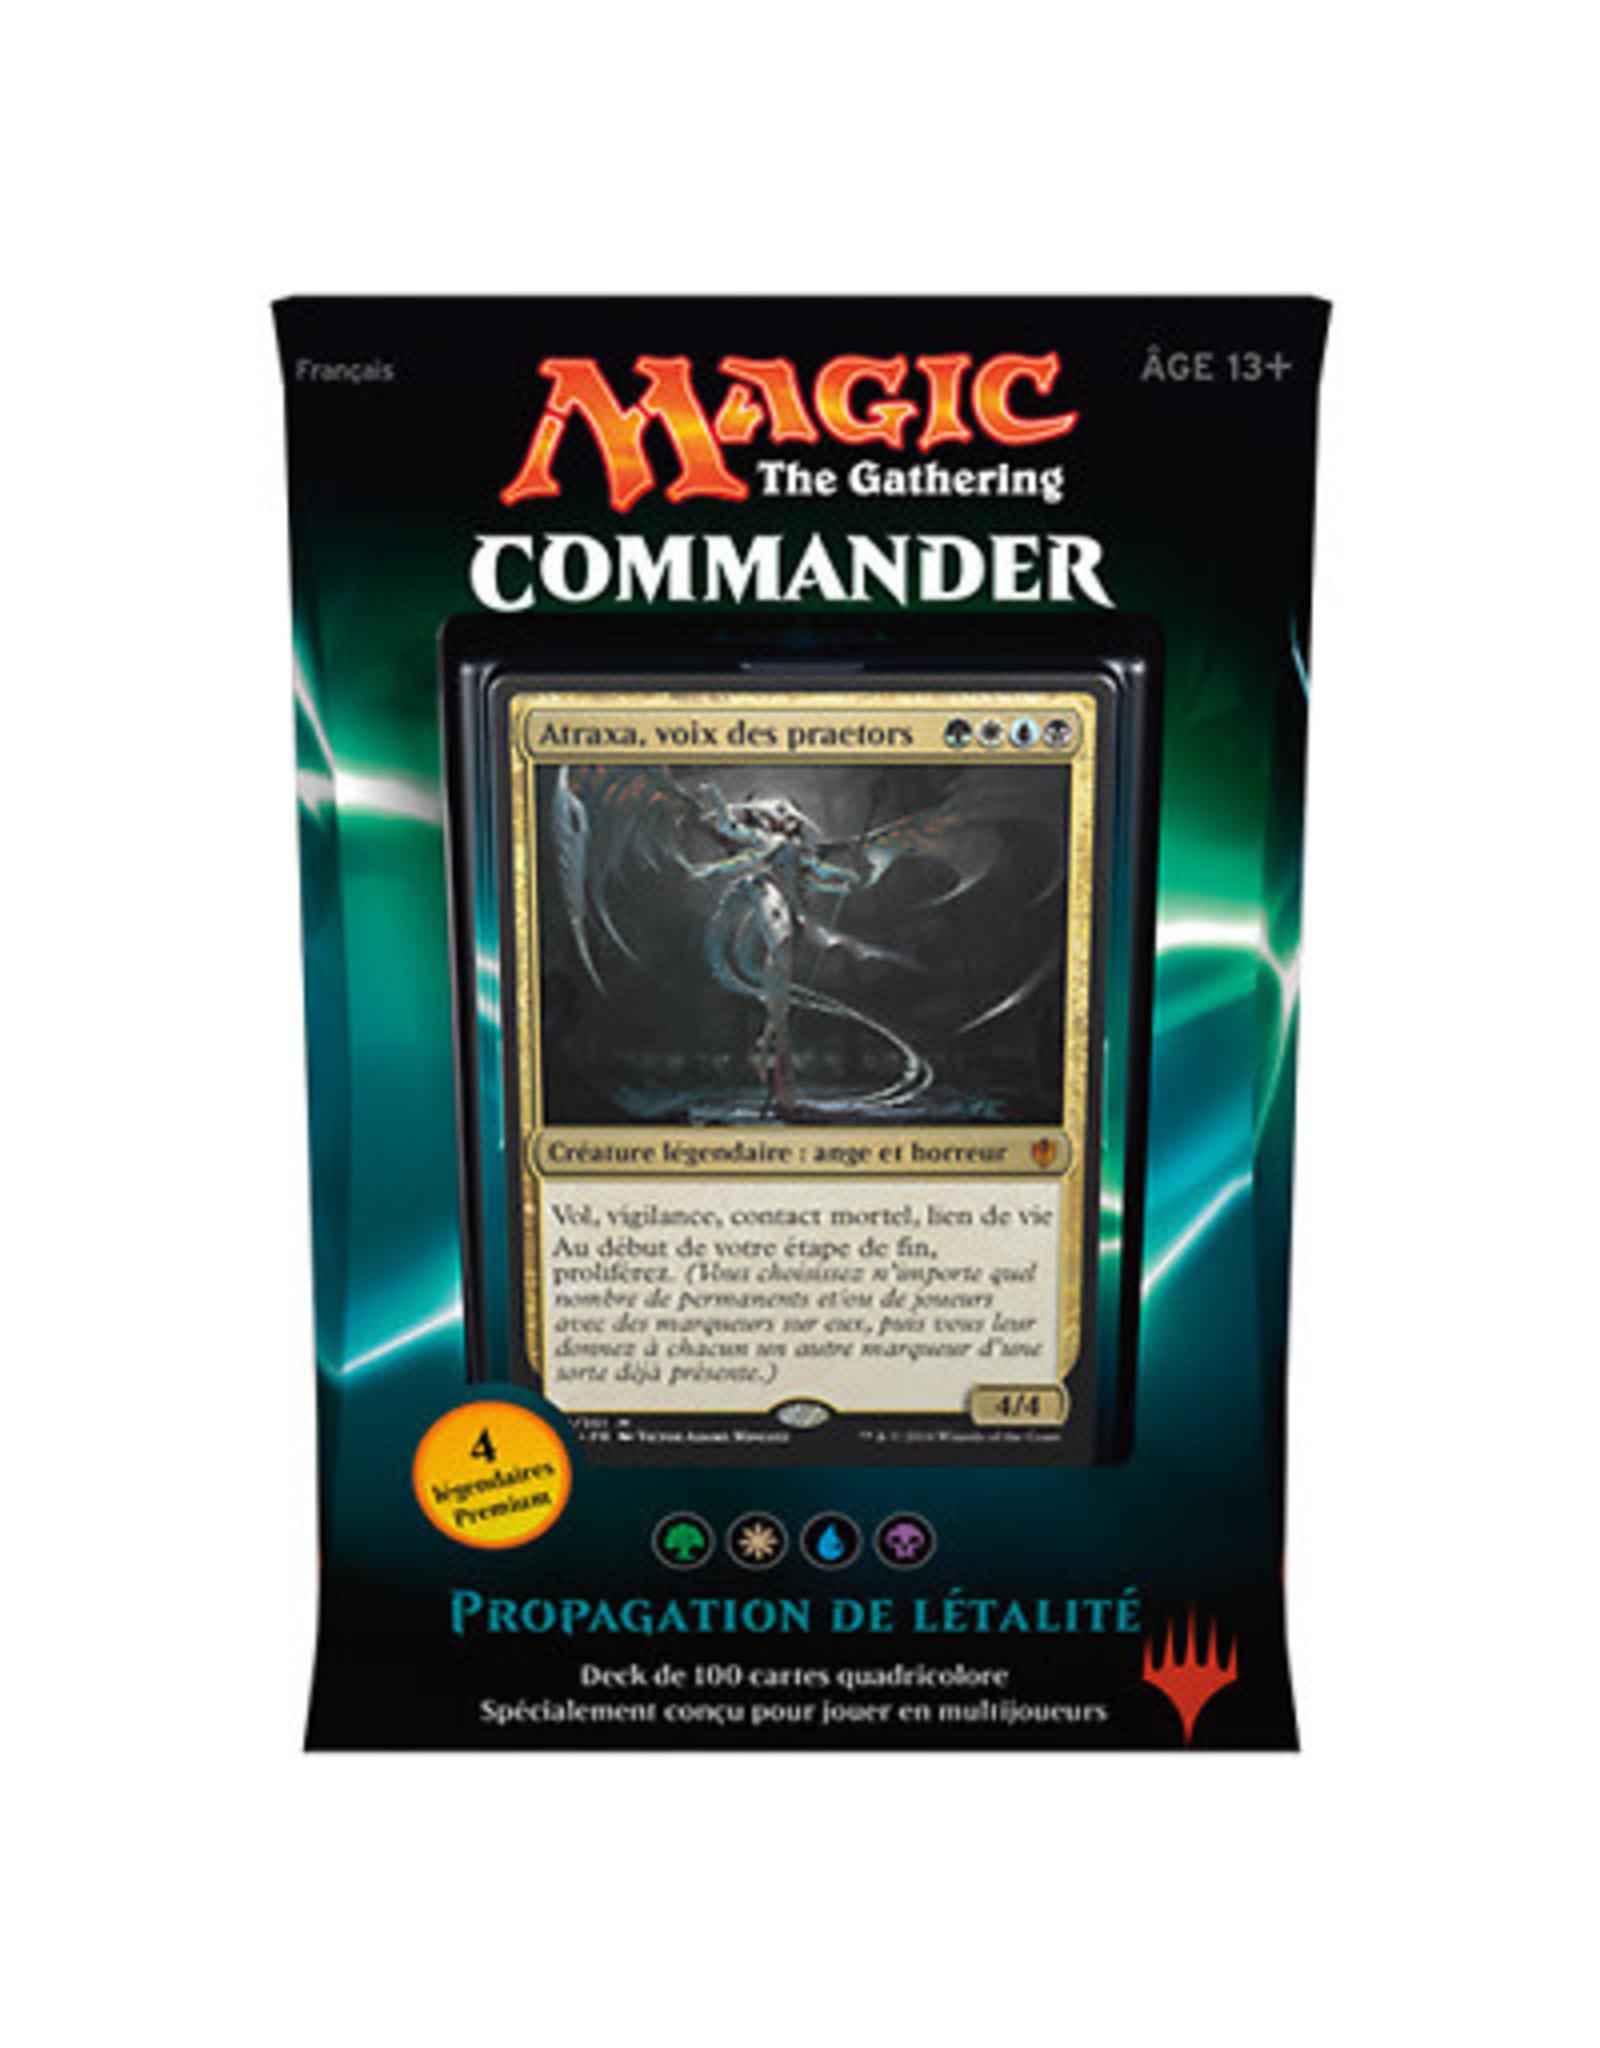 Wizards of the Coast Fr- Commander 2016: Propagation de Létalité